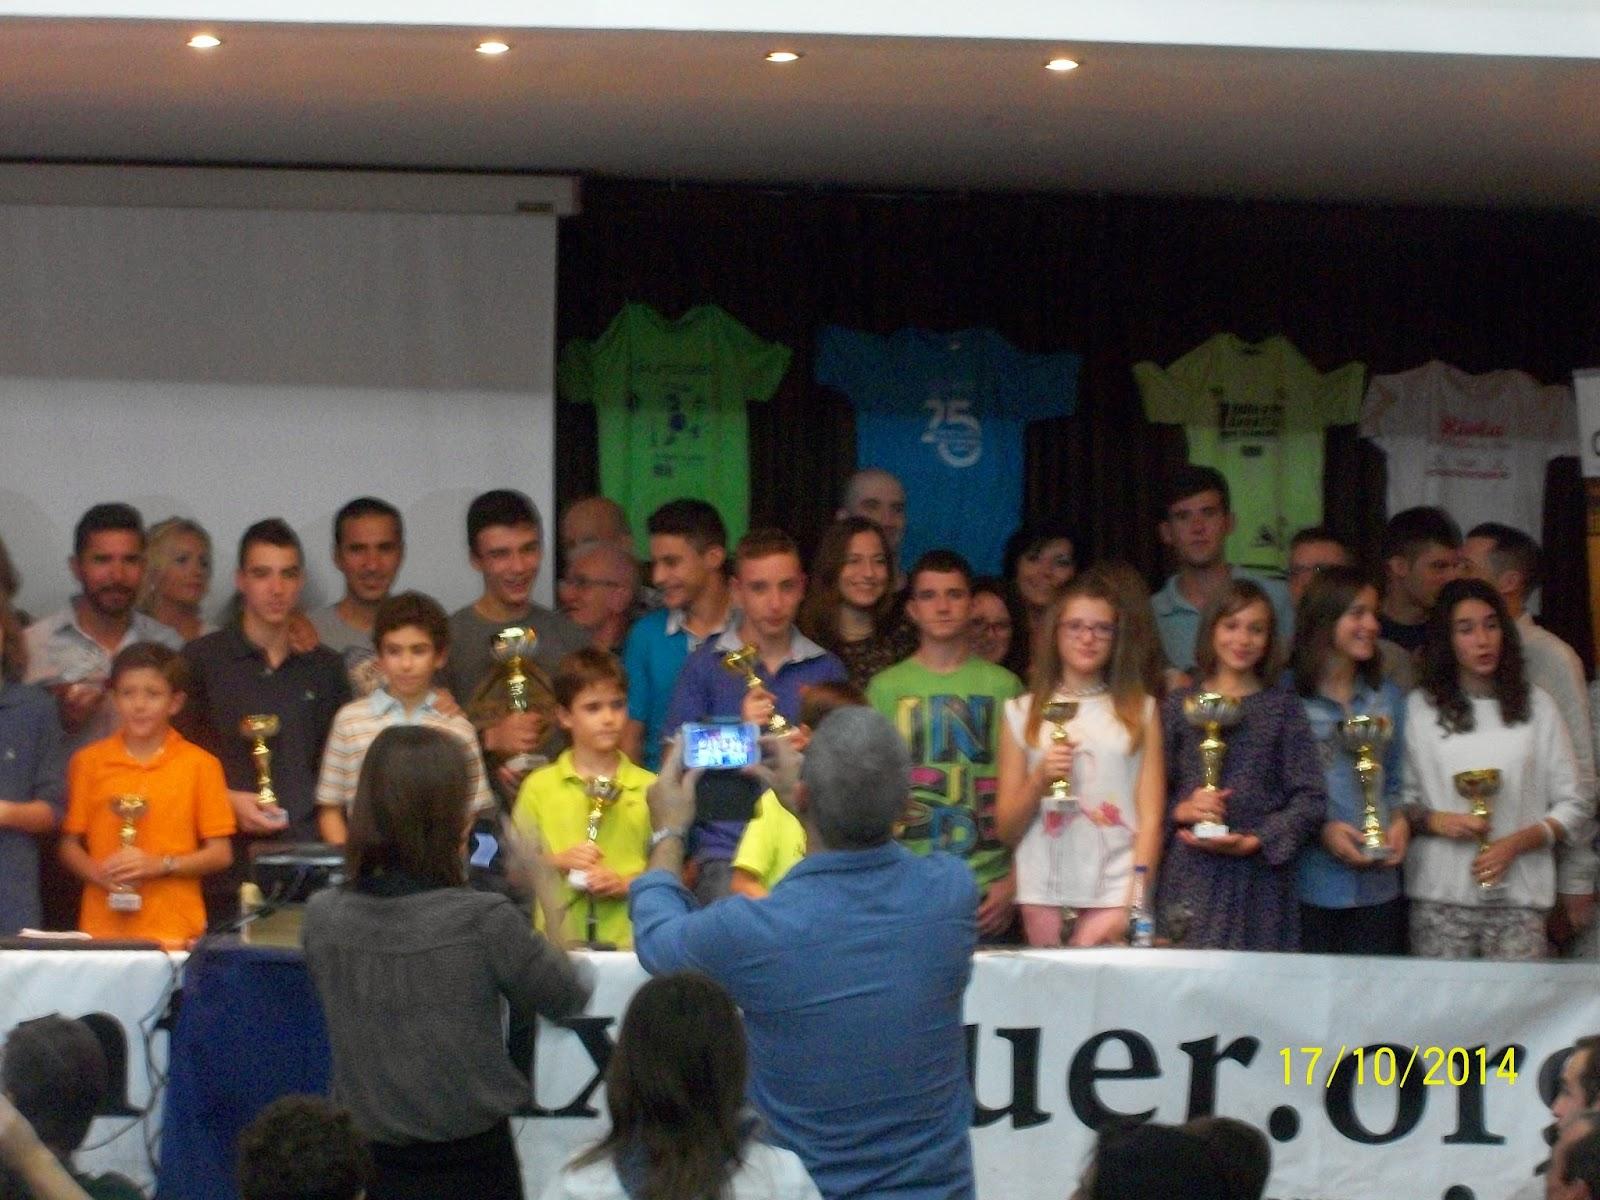 Circuito La Ribera : Atletisme en la ribera circuit de xuquer